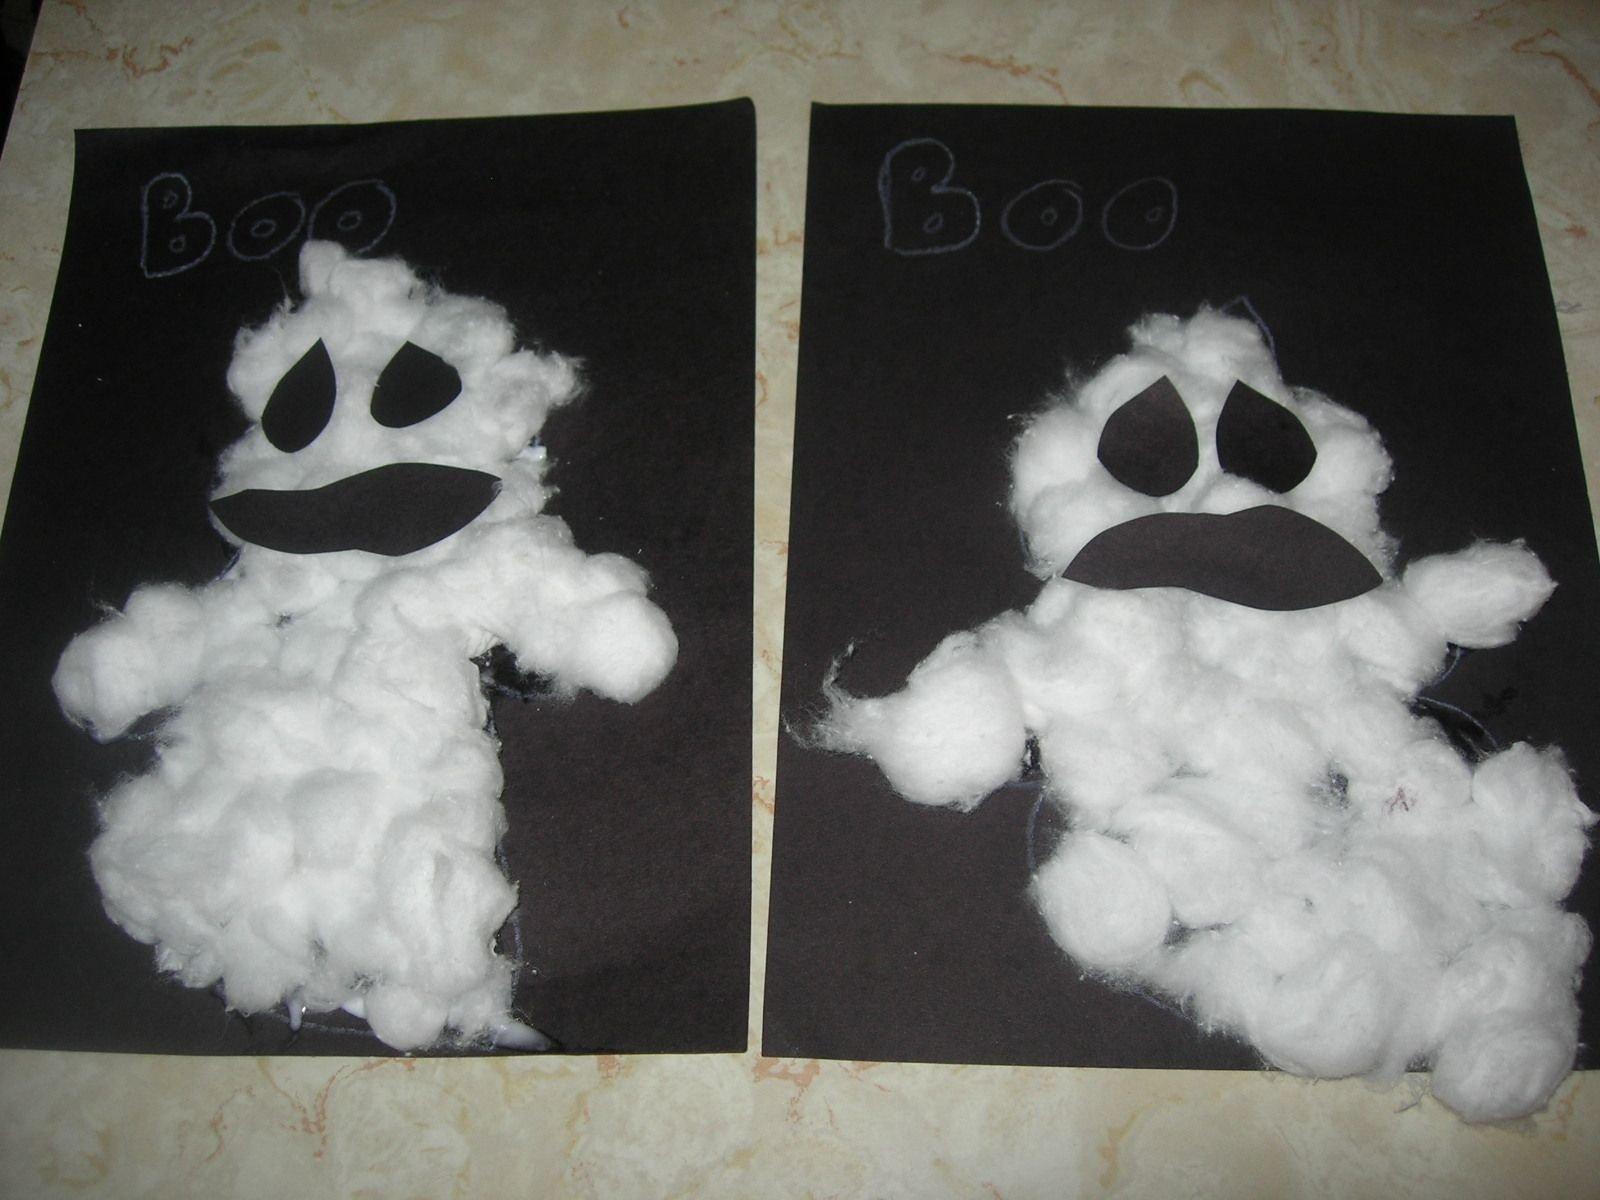 10 Elegant Halloween Craft Ideas For Preschoolers halloween crafts for preschoolers classified mom halloween art